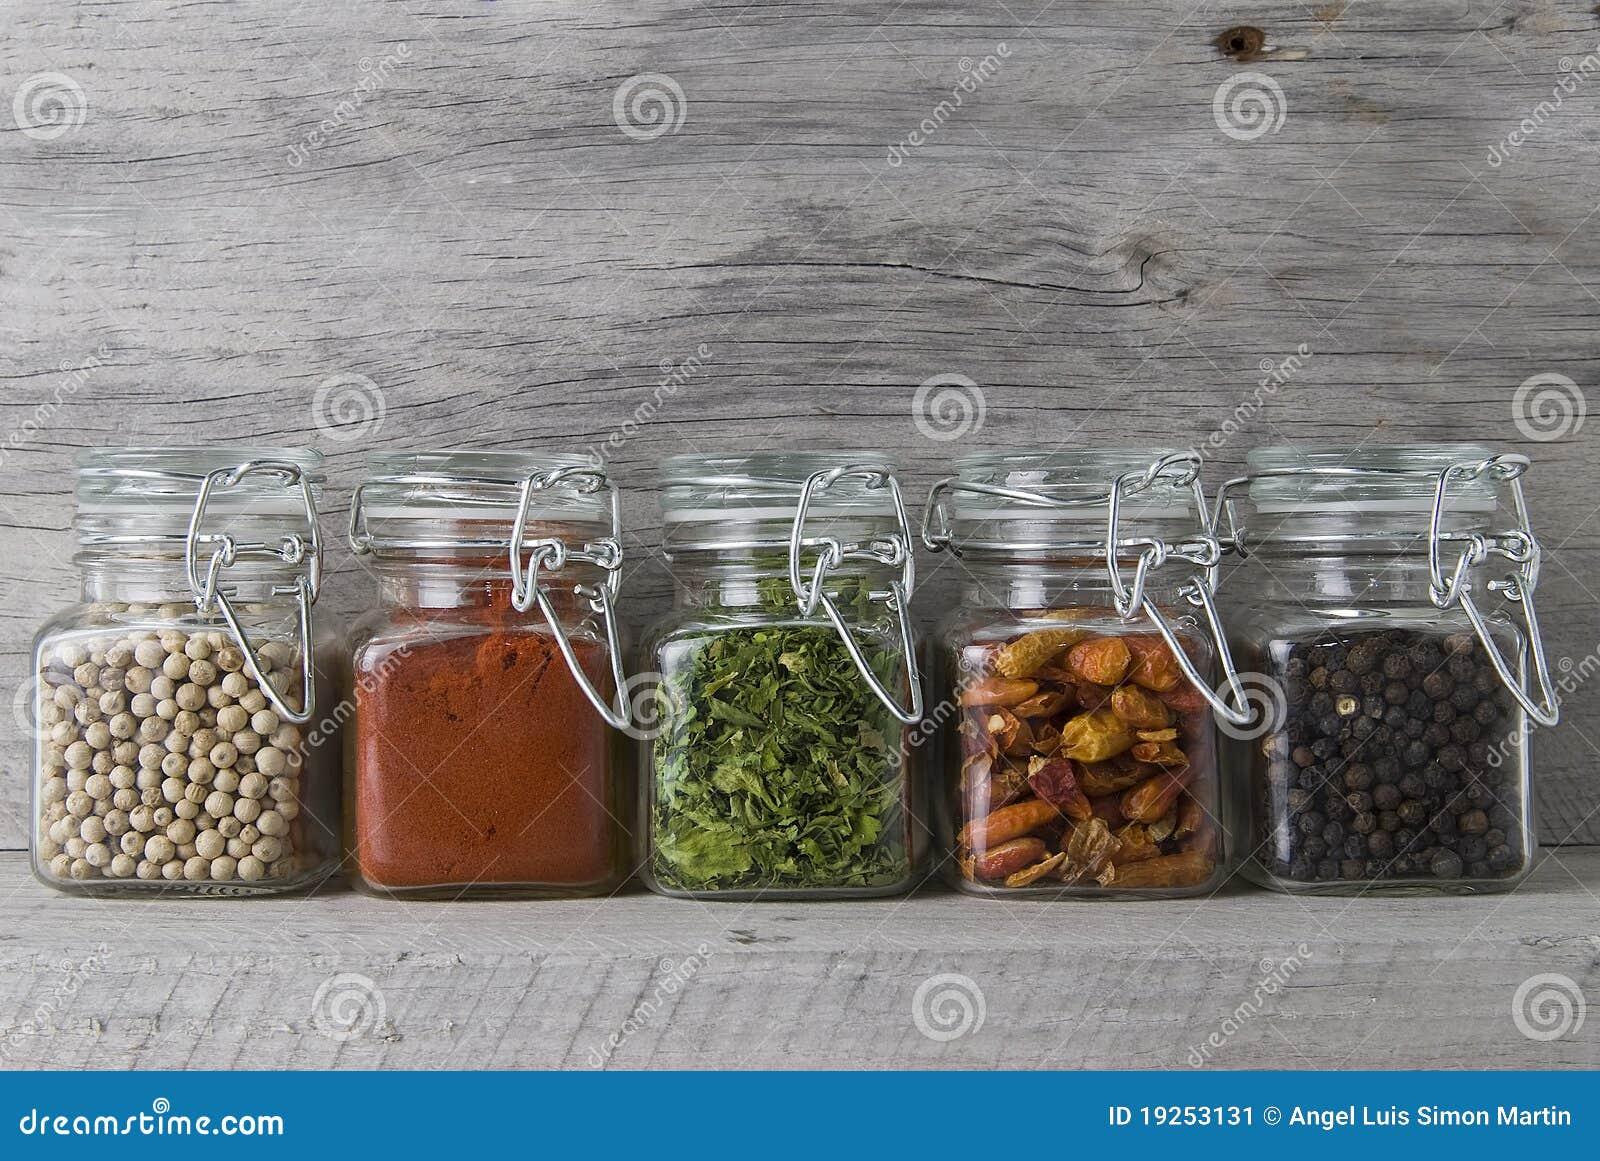 Chocs avec des épices sur un vieux stand.